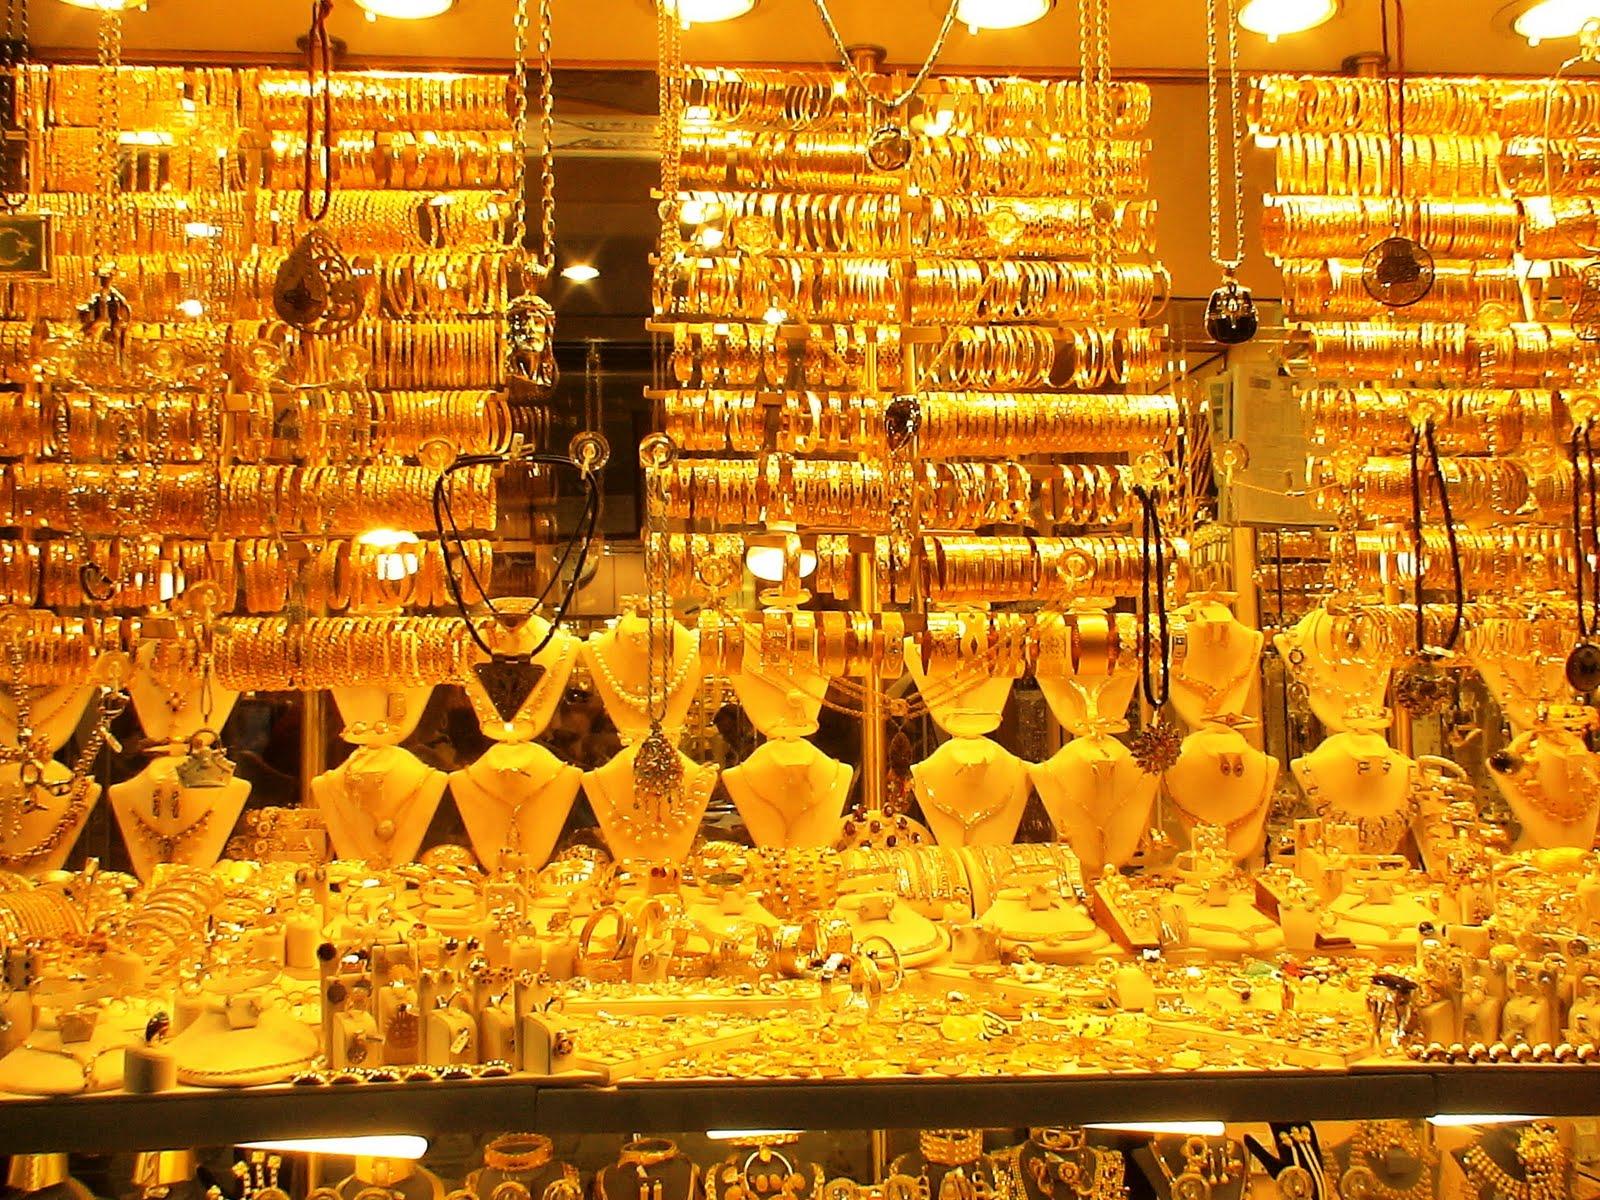 ارتفاع أسعار الذهب اليوم 14 يوليو